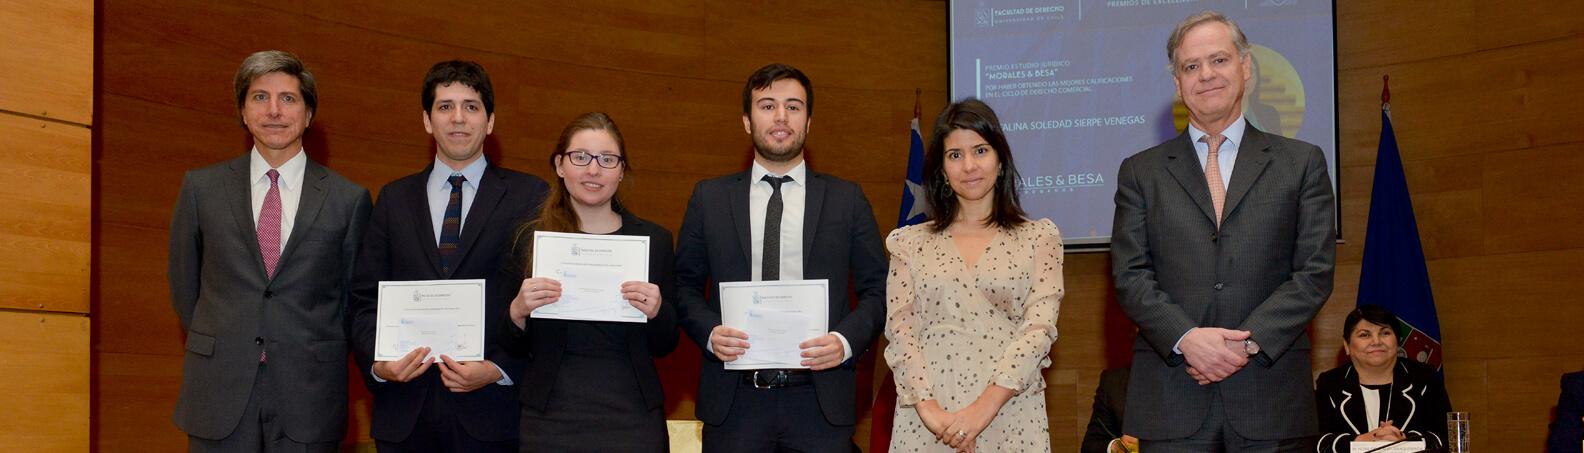 Premios mejores alumnos U. de Chile 2017